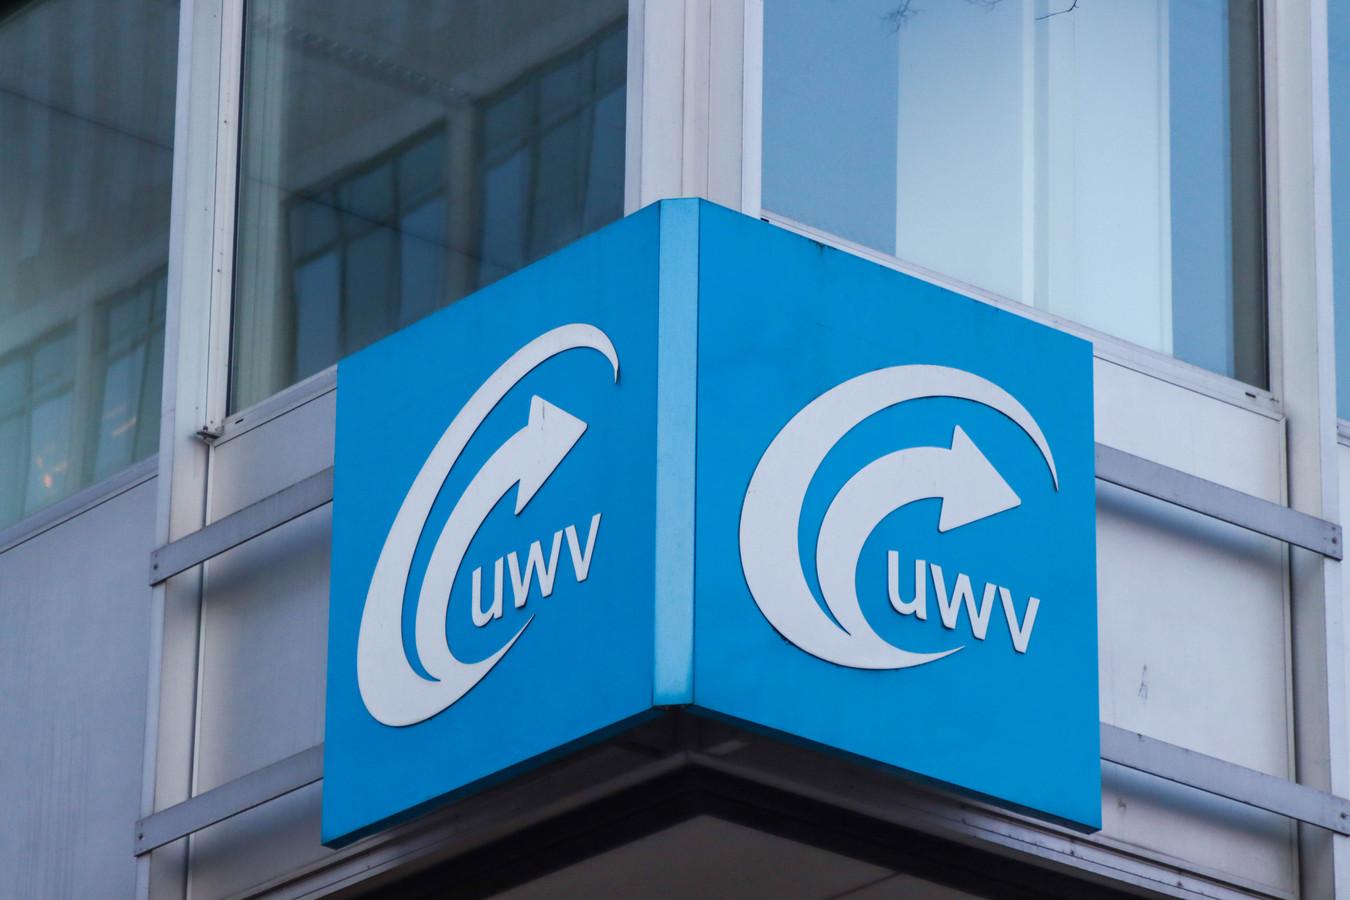 Arbeidsregio Noordoost-Brabant heeft mensen met het project Van Werk naar Werk aan het werk geholpen. UWV was een van de instanties die meewerkte.